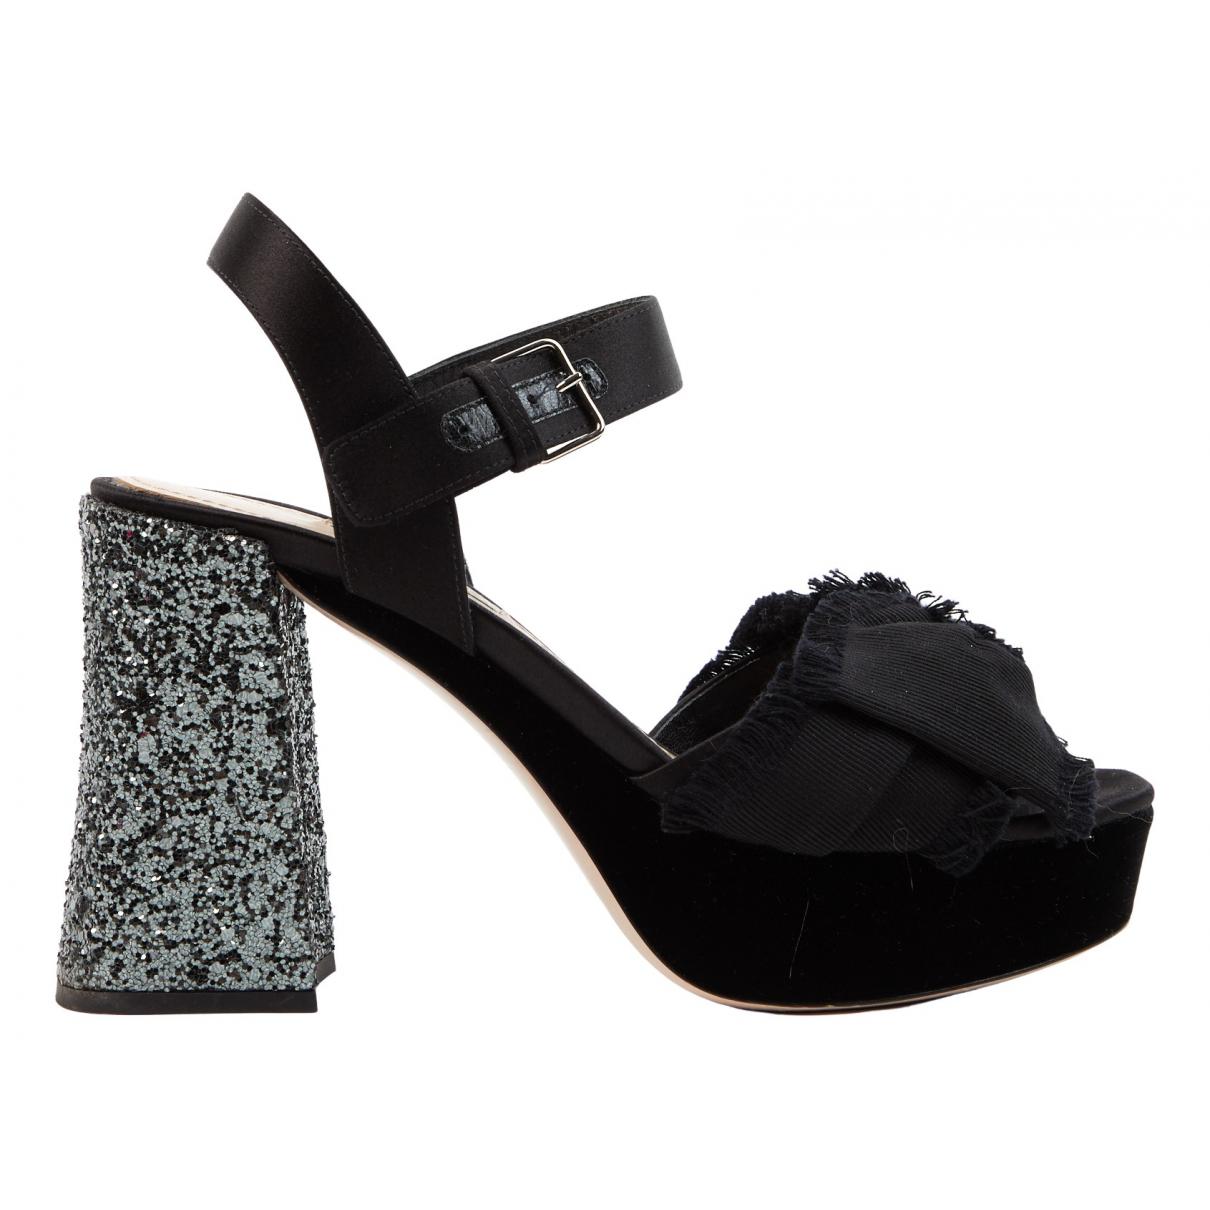 Miu Miu N Black Suede Sandals for Women 37 EU